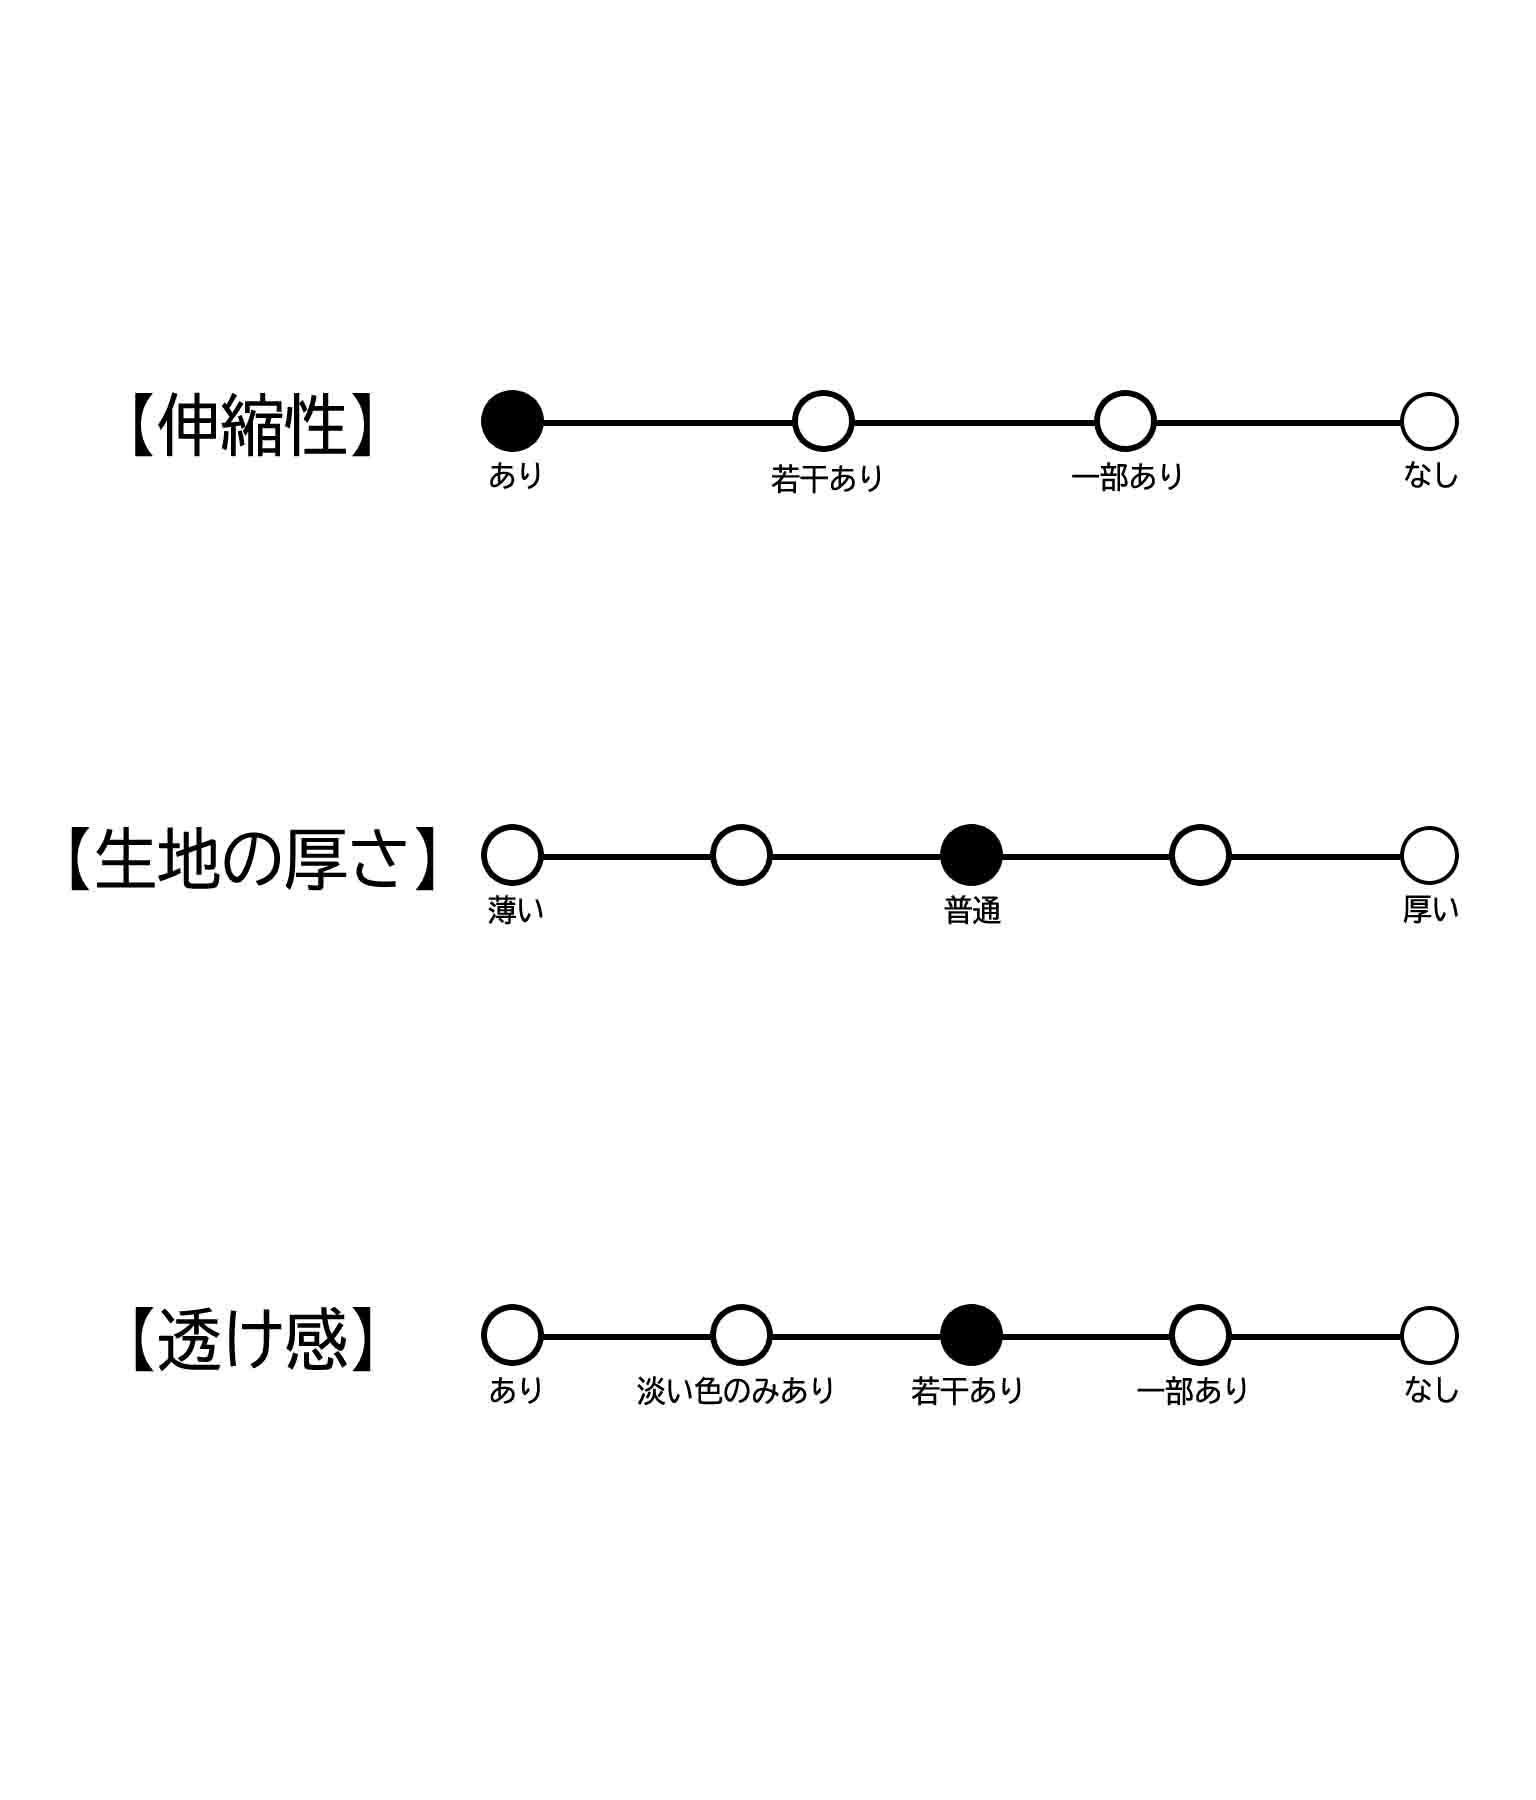 柄プチハイネックリブトップス | ANAP GiRL